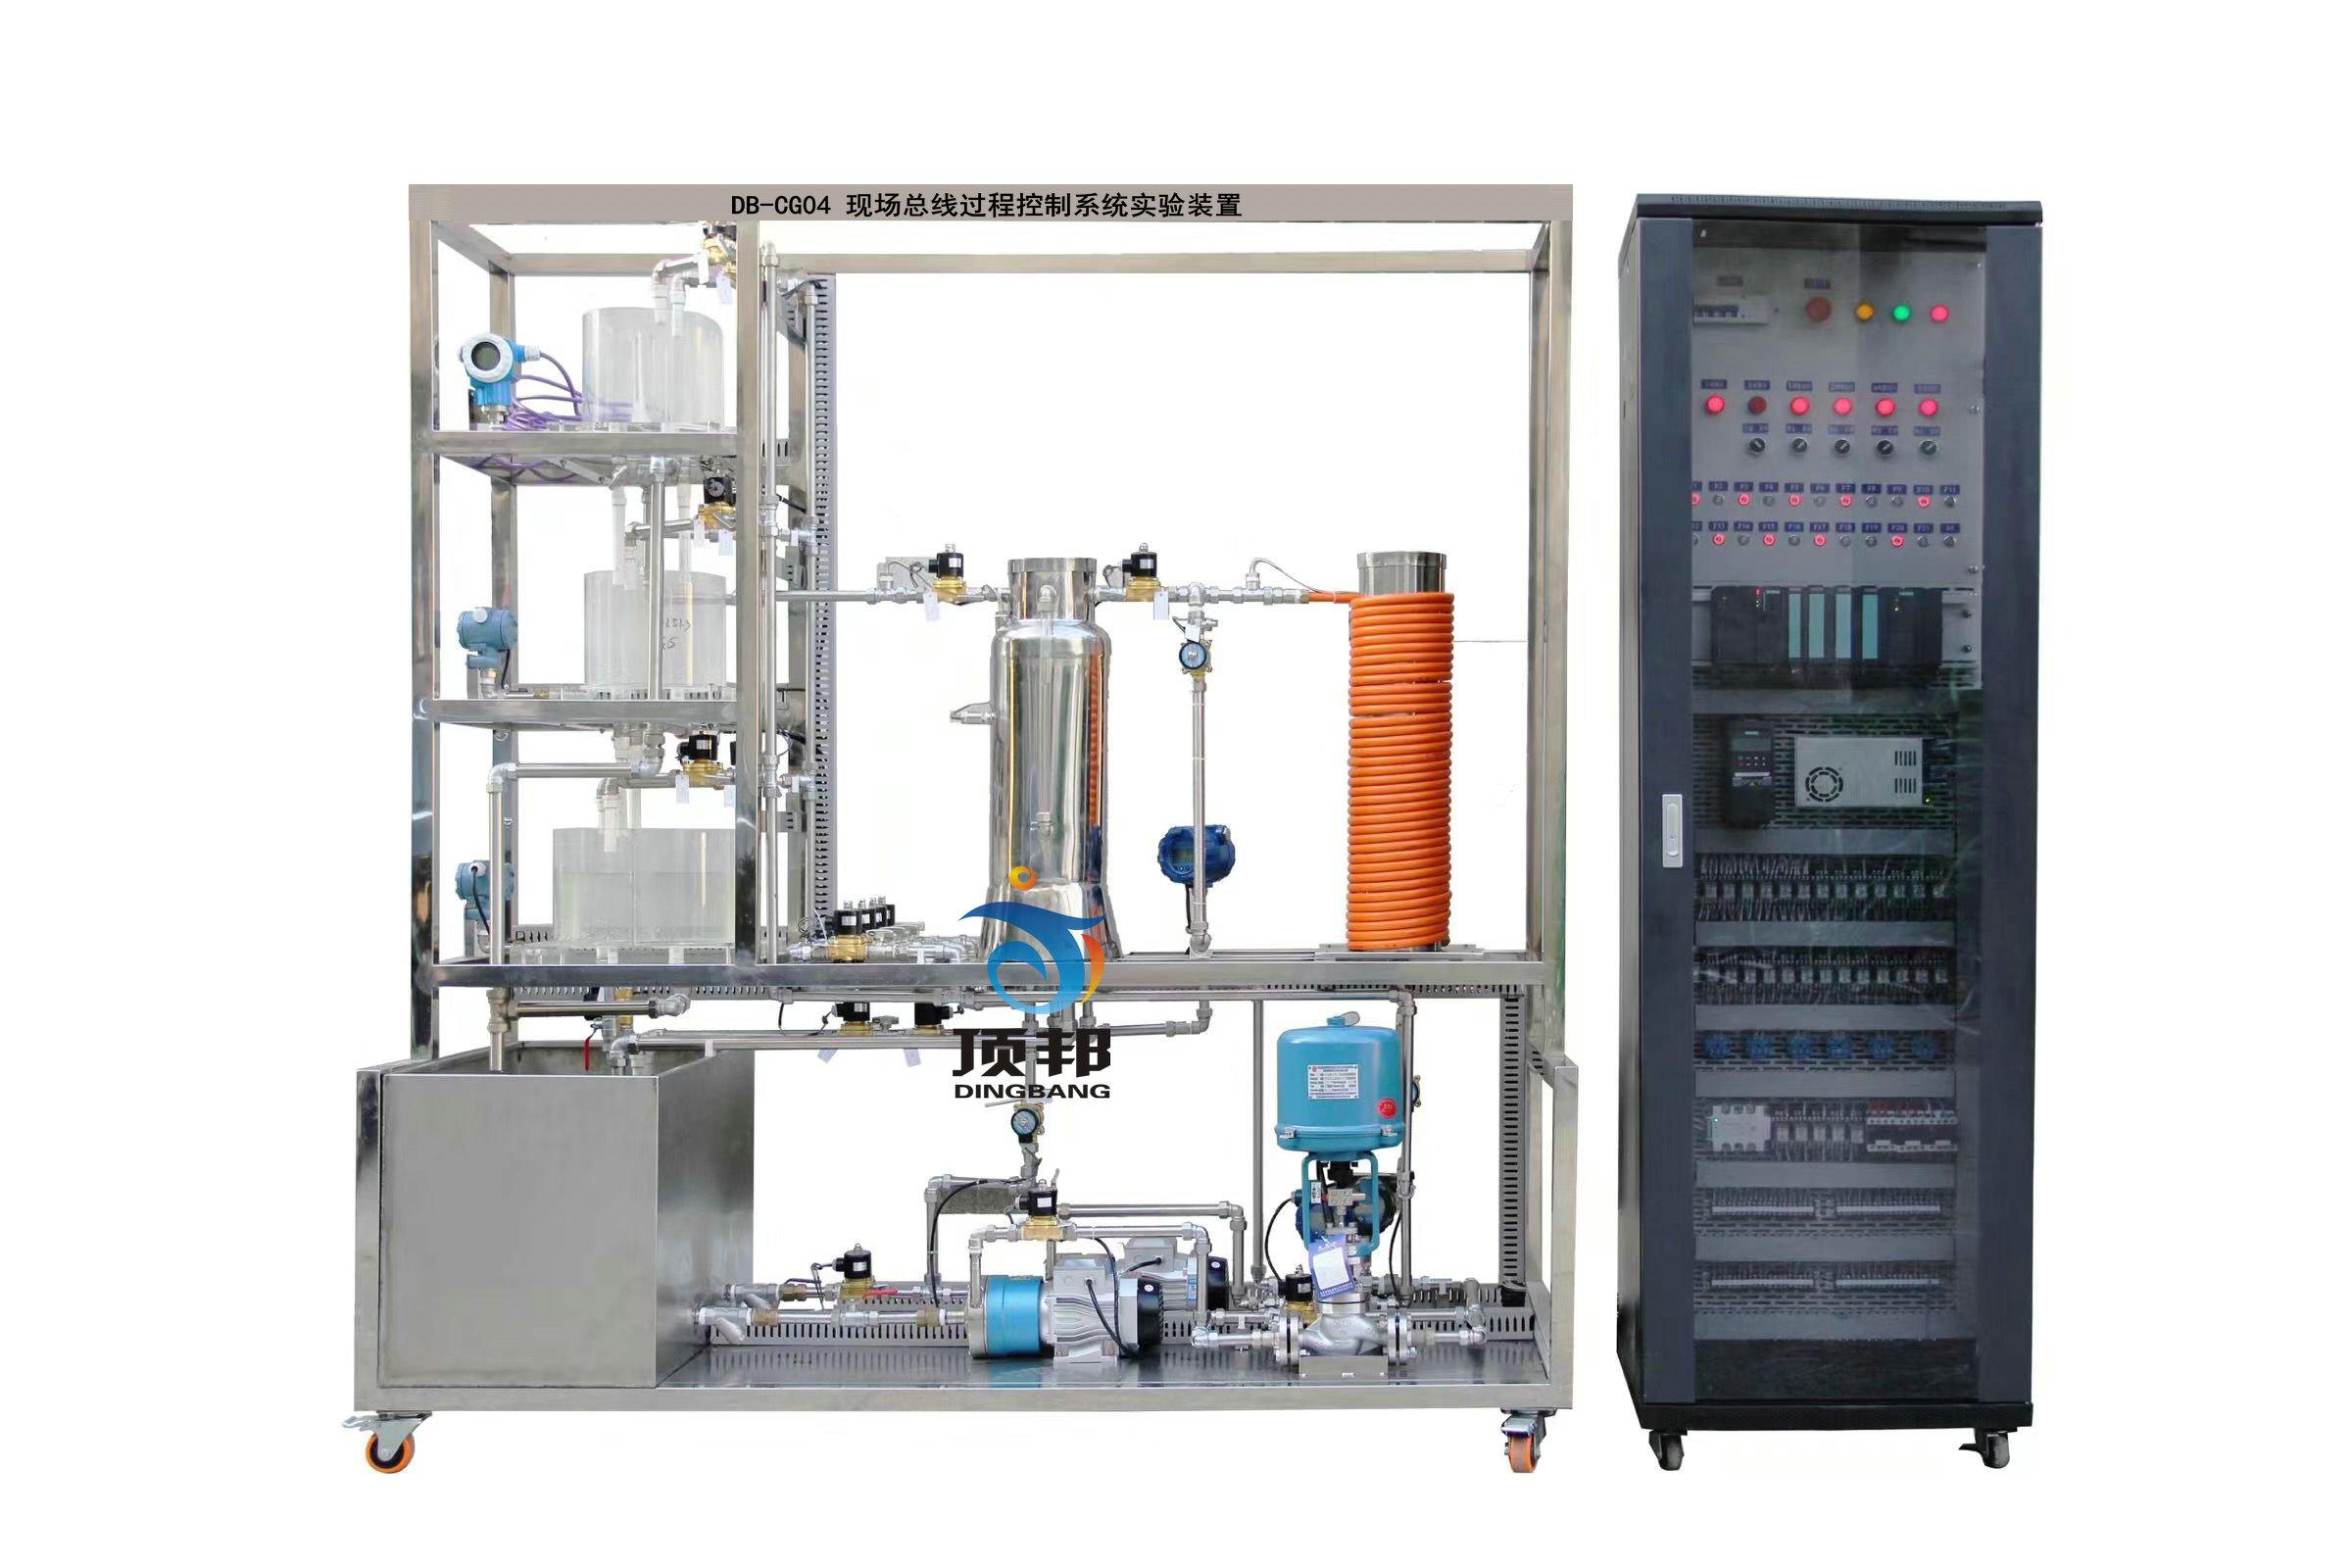 现场总线过程控制系统实验装置